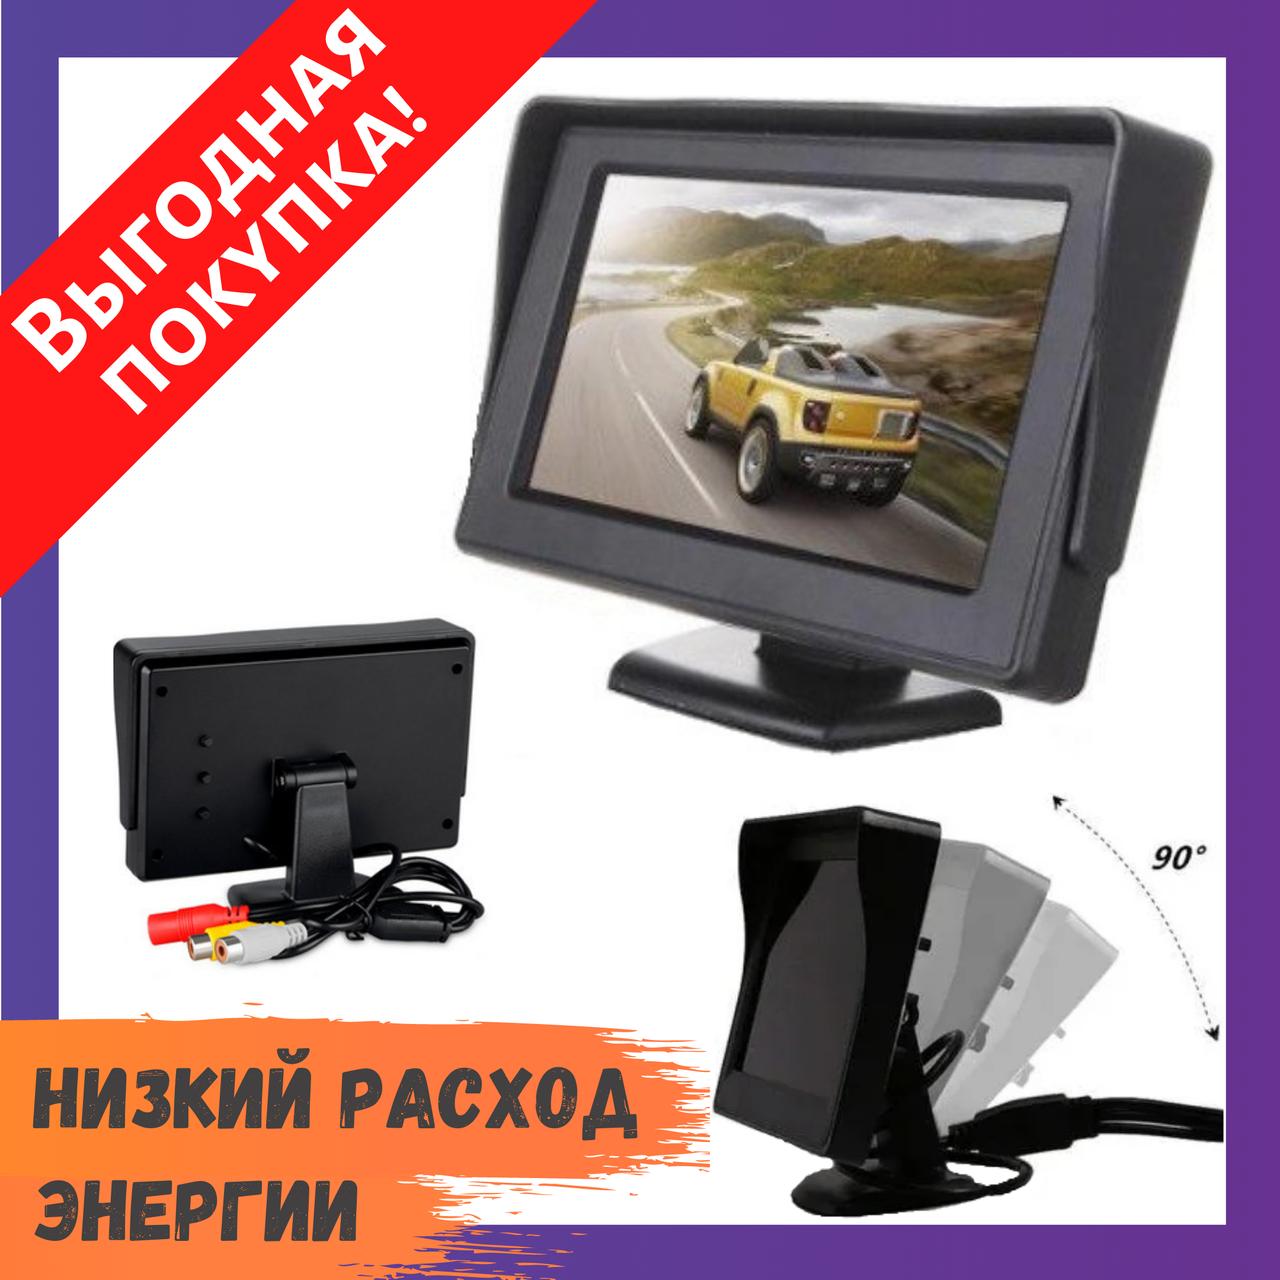 Автомонитор LCD 4.3'' для двух камер 043   монитор автомобильный для камеры заднего вида, дисплей